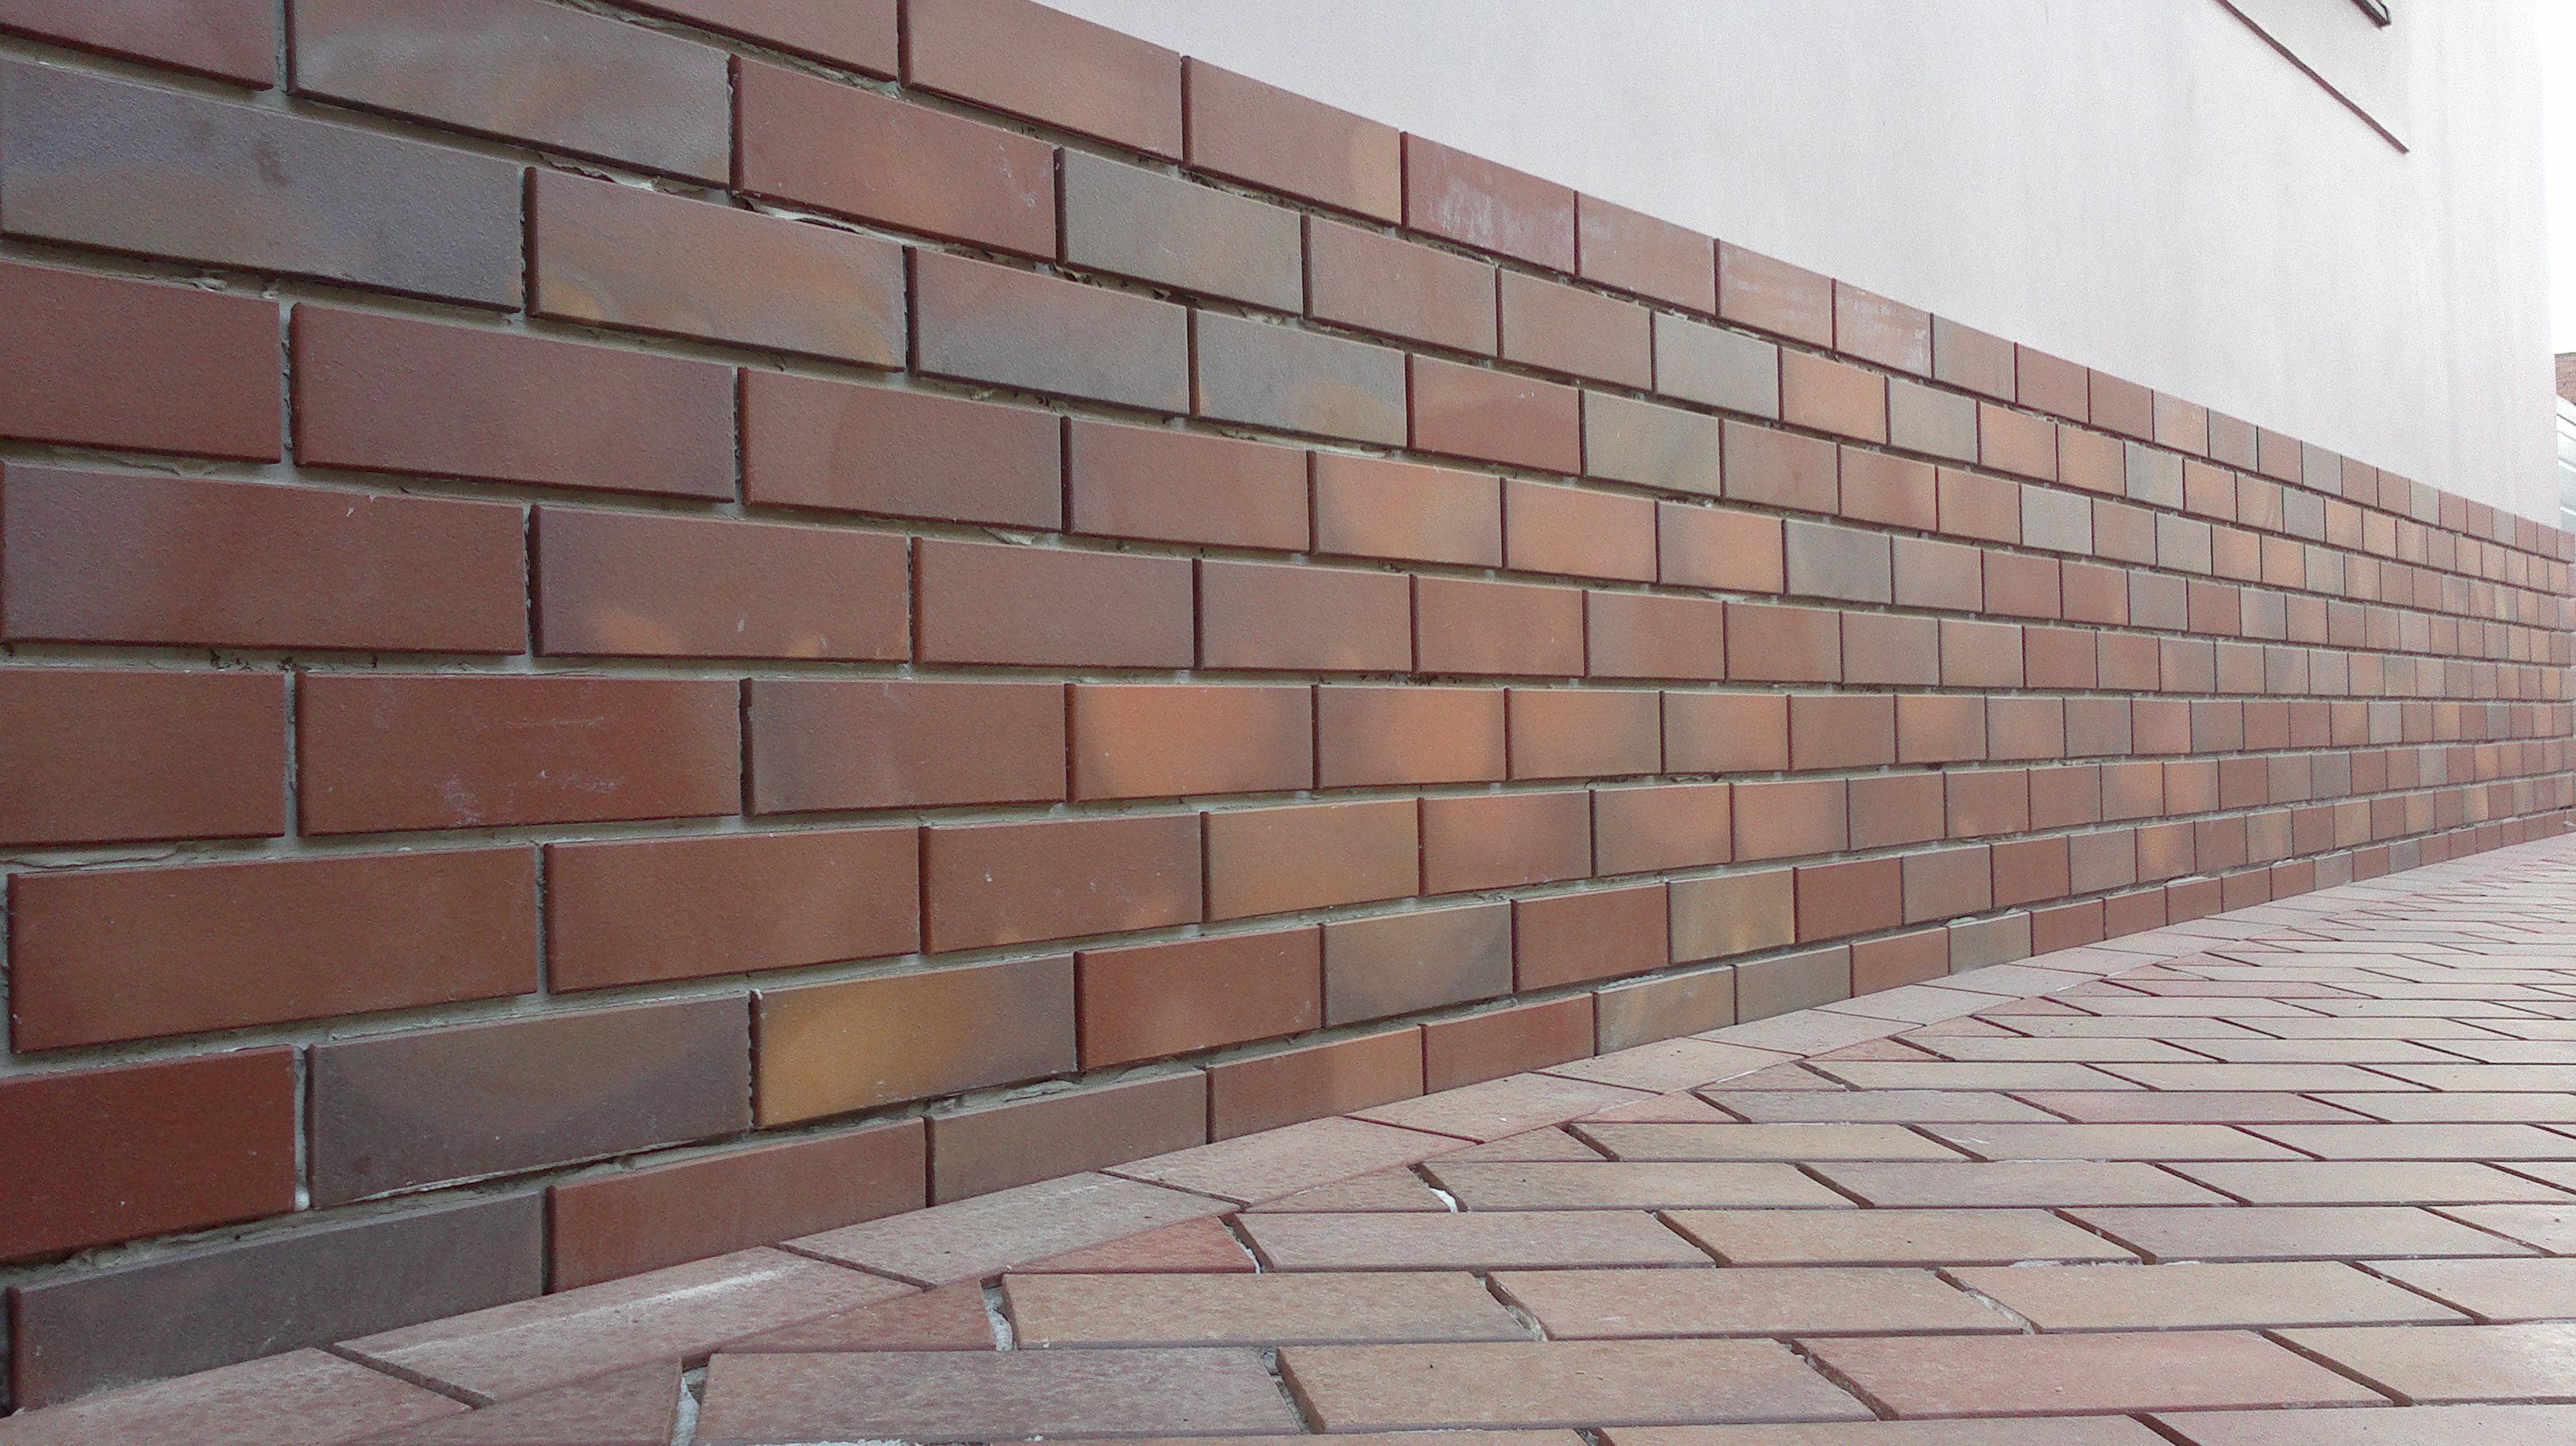 Стена в квартире промерзает чем утеплить